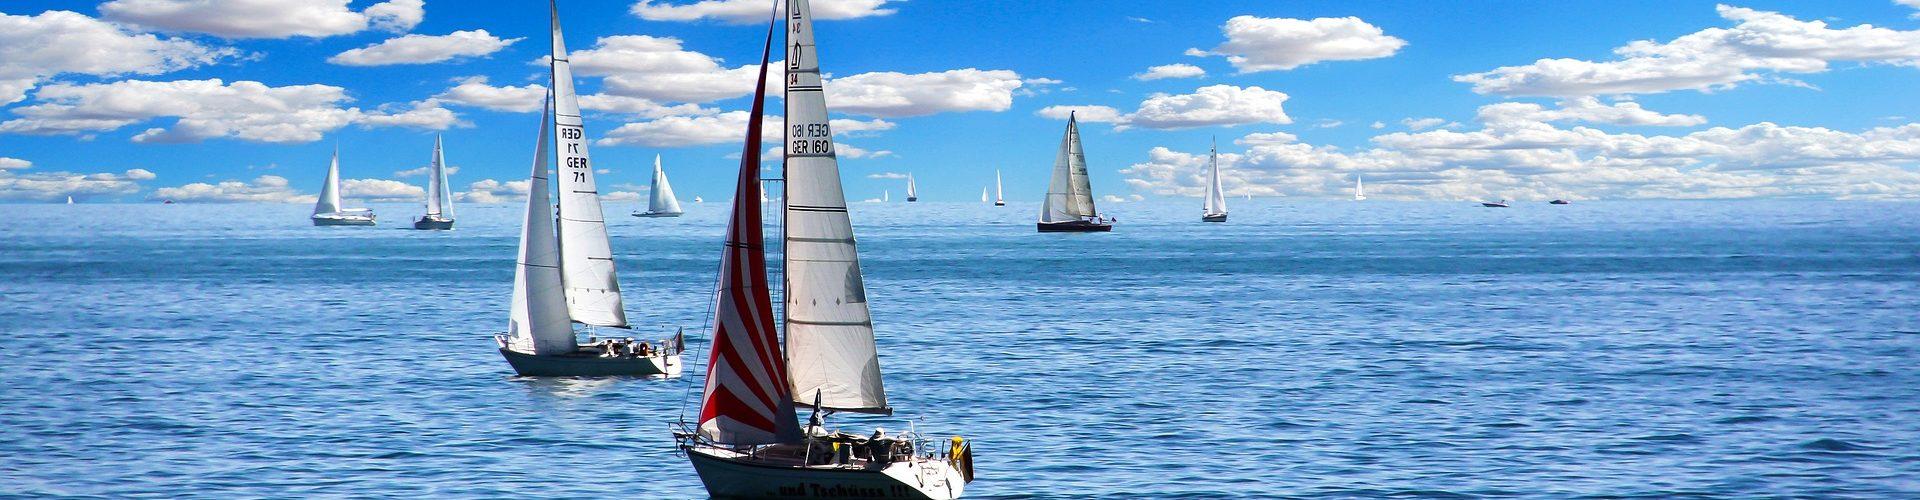 segeln lernen in Deggendorf segelschein machen in Deggendorf 1920x500 - Segeln lernen in Deggendorf